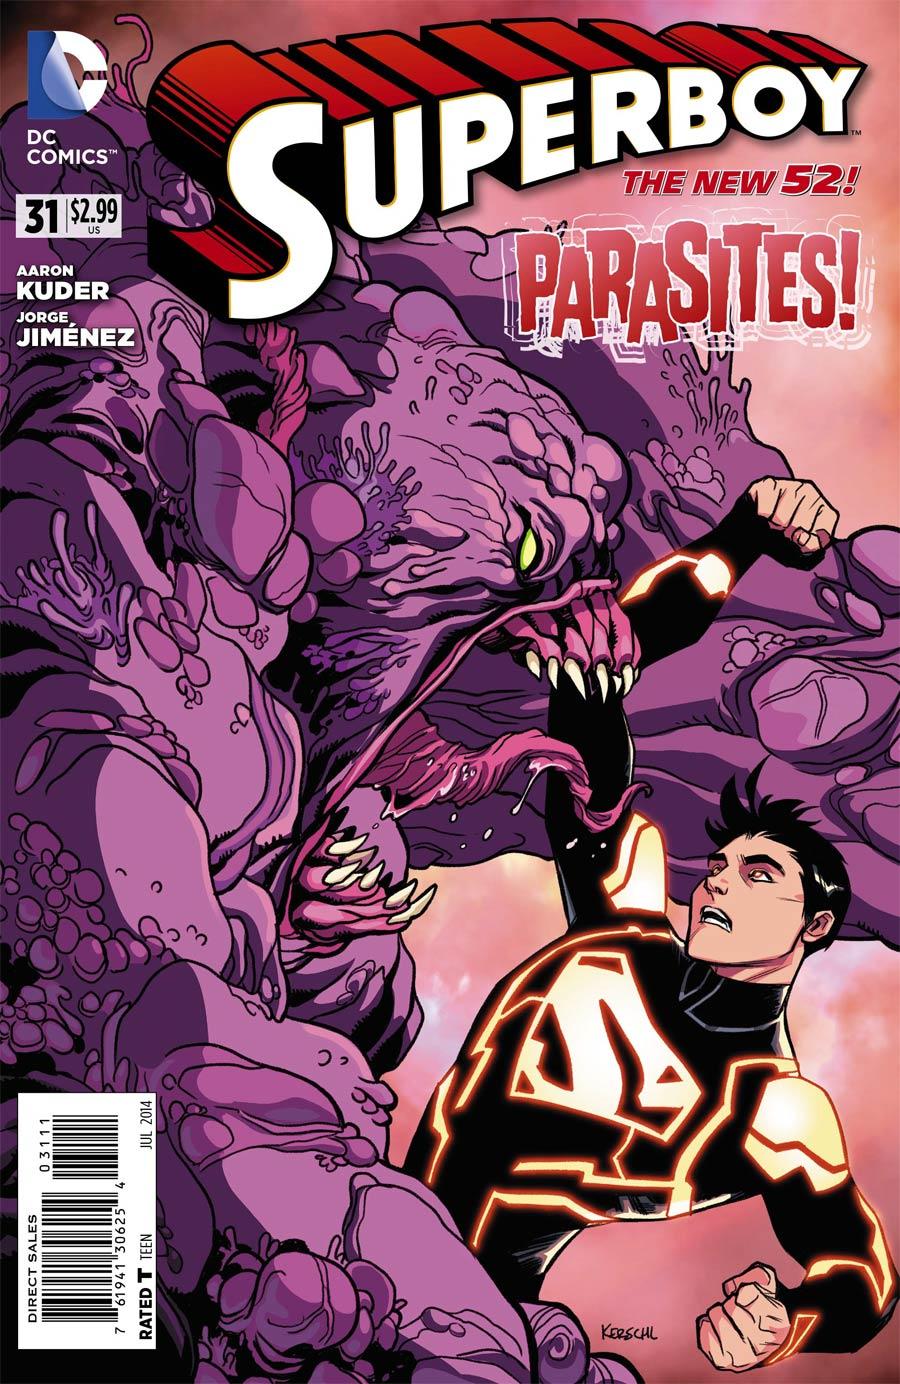 Superboy Vol 5 #31